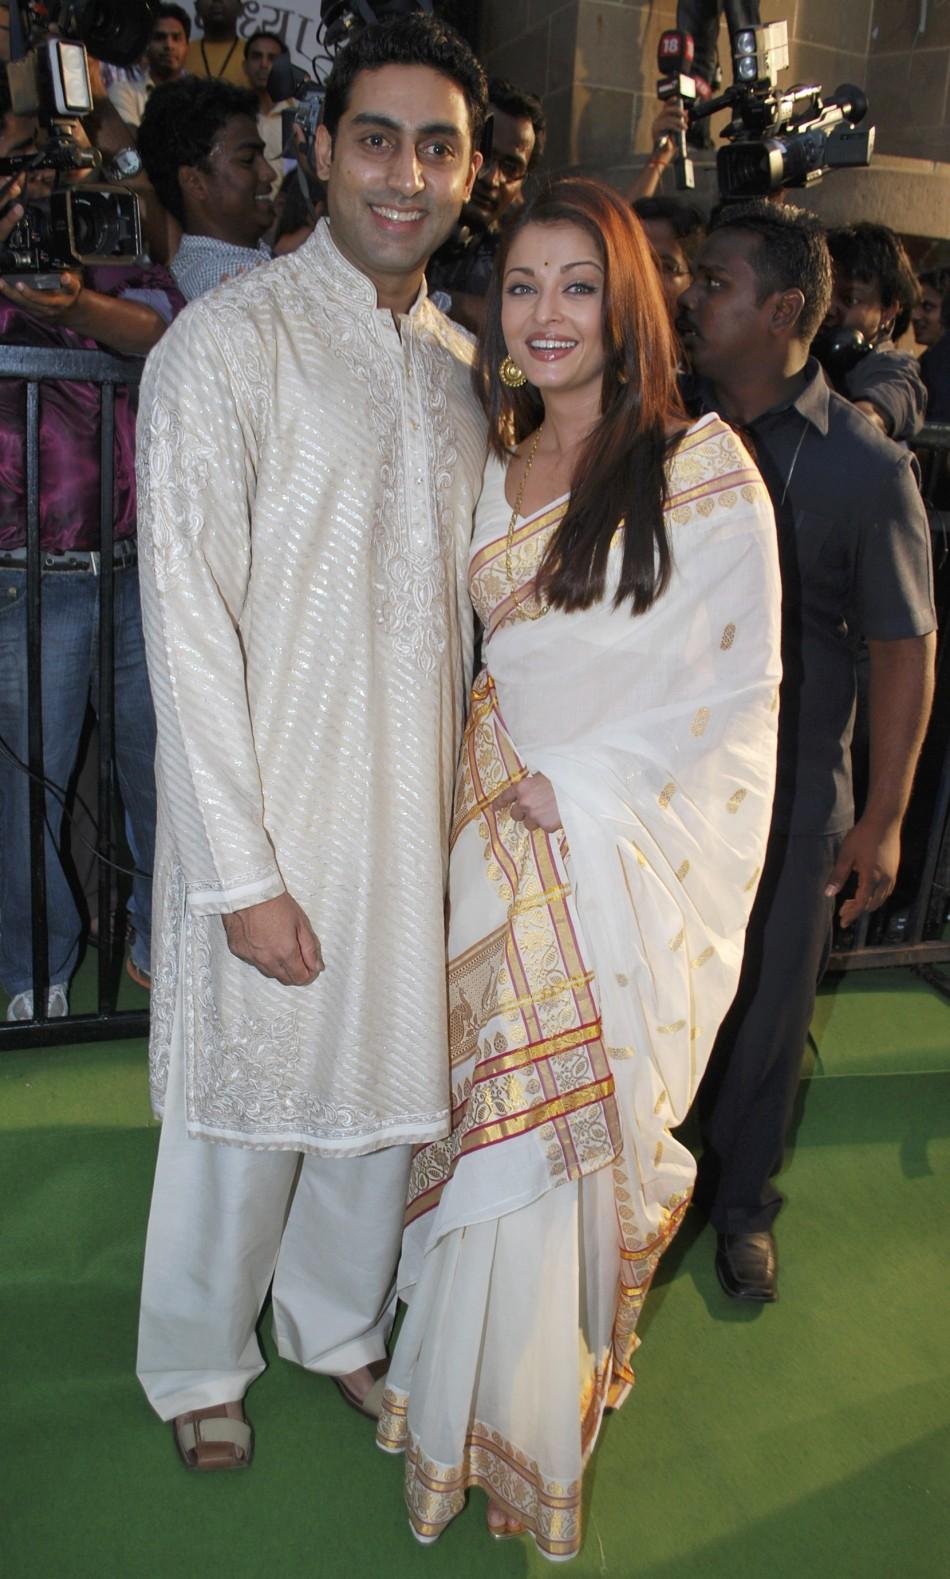 Stars Flock to Jalsa for Ashwarya Rai Bachchan's Baby ...